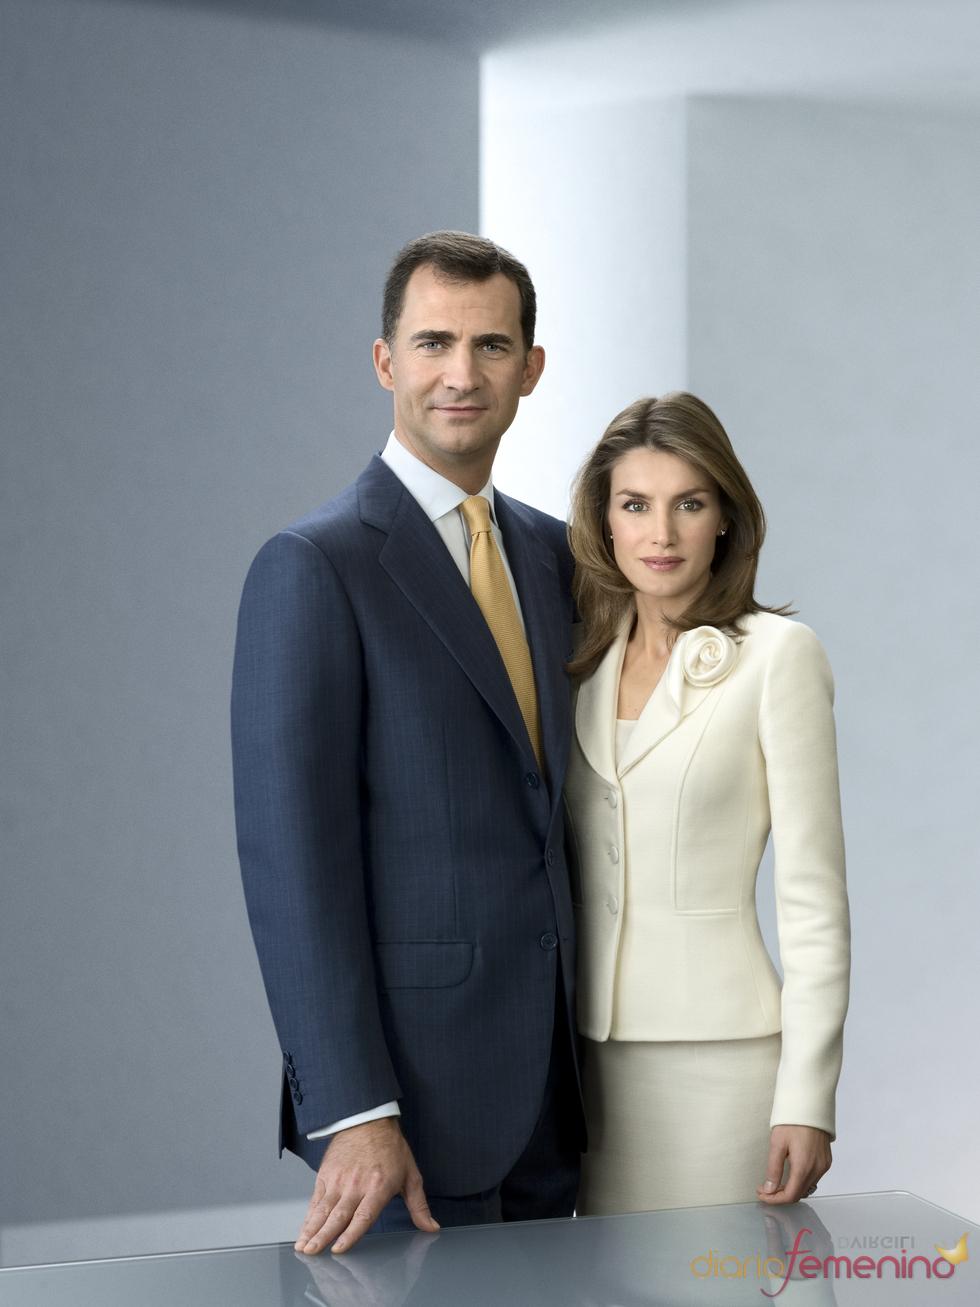 Fotografía oficial de los Príncipes de Asturias